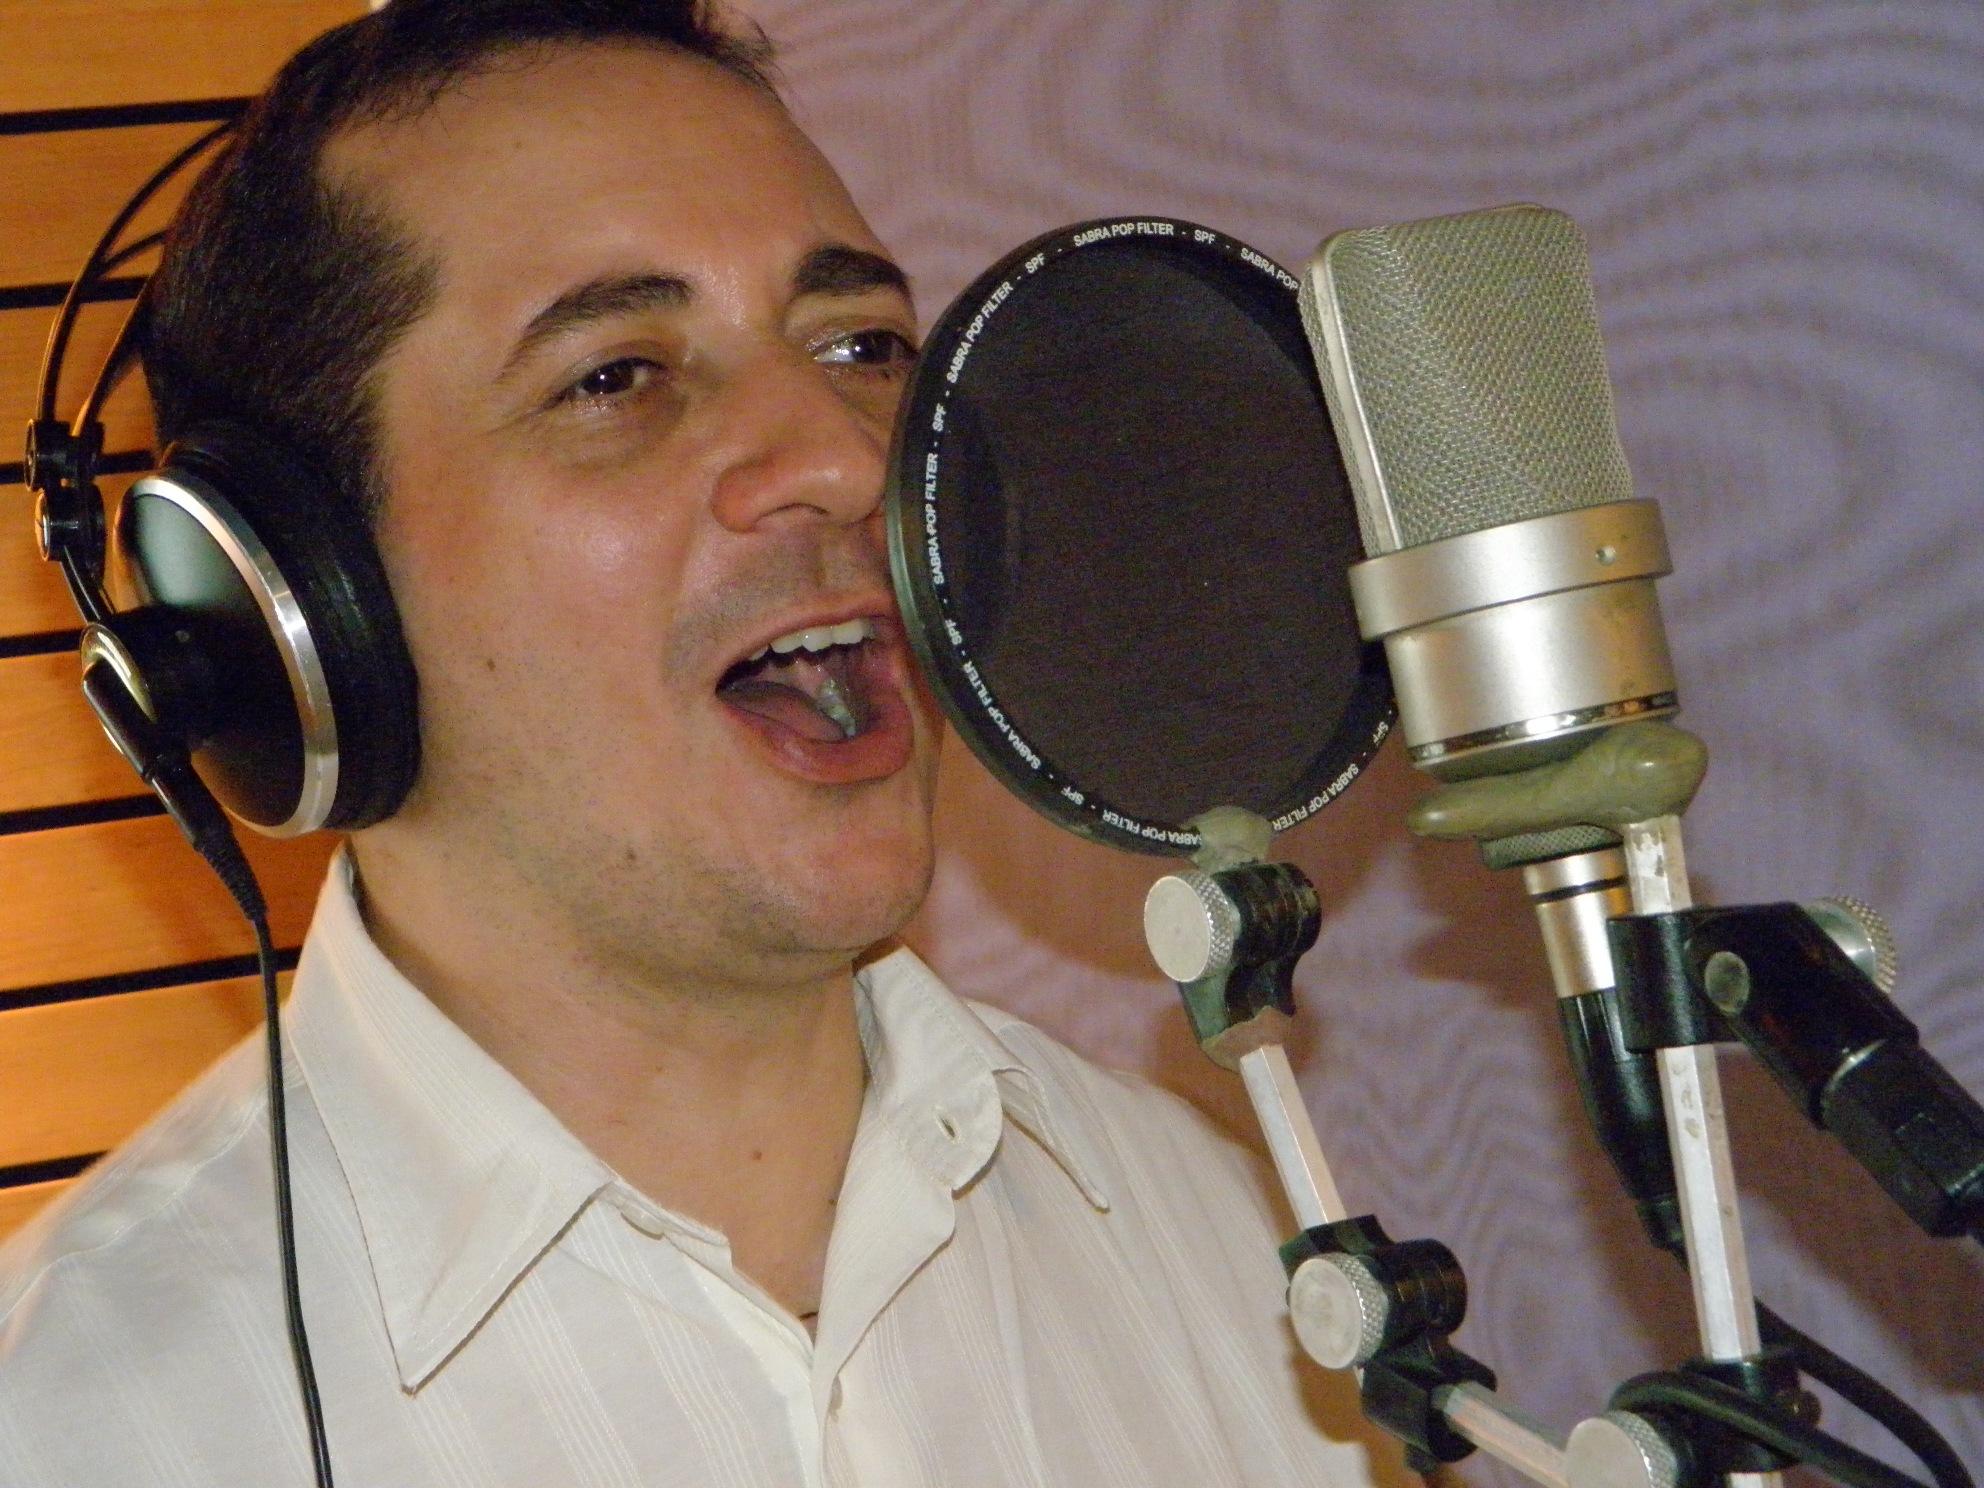 Junior Alves Gravação